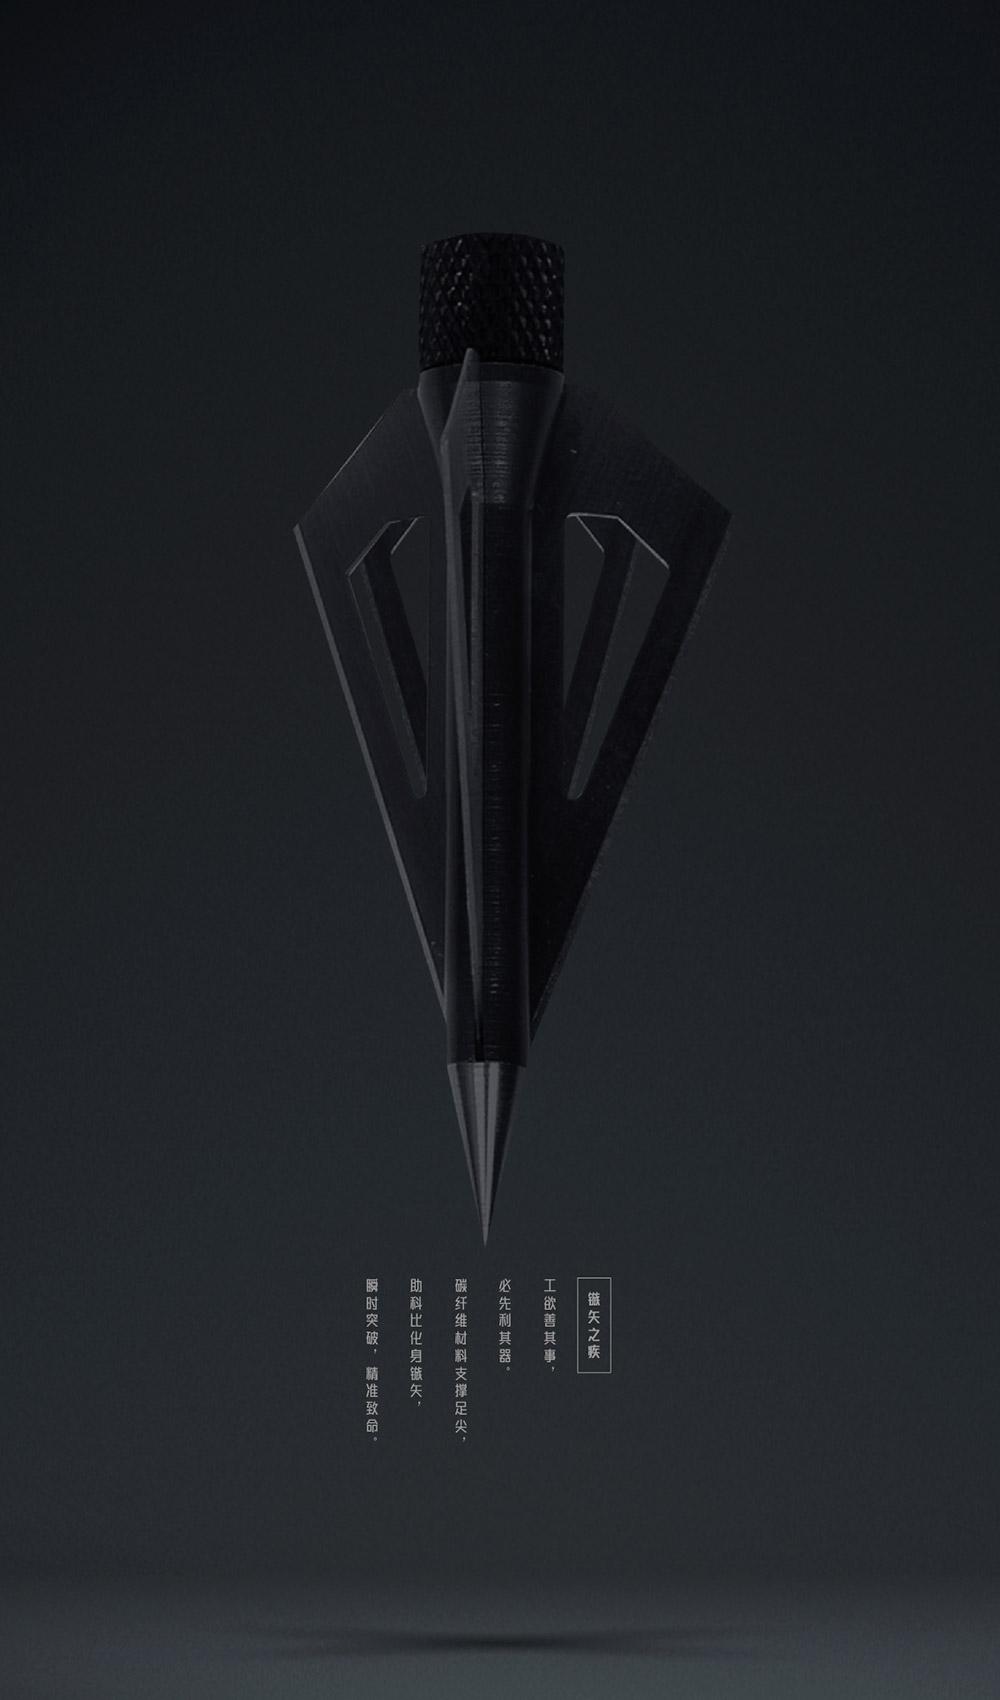 Kobe-Symbols-4-06